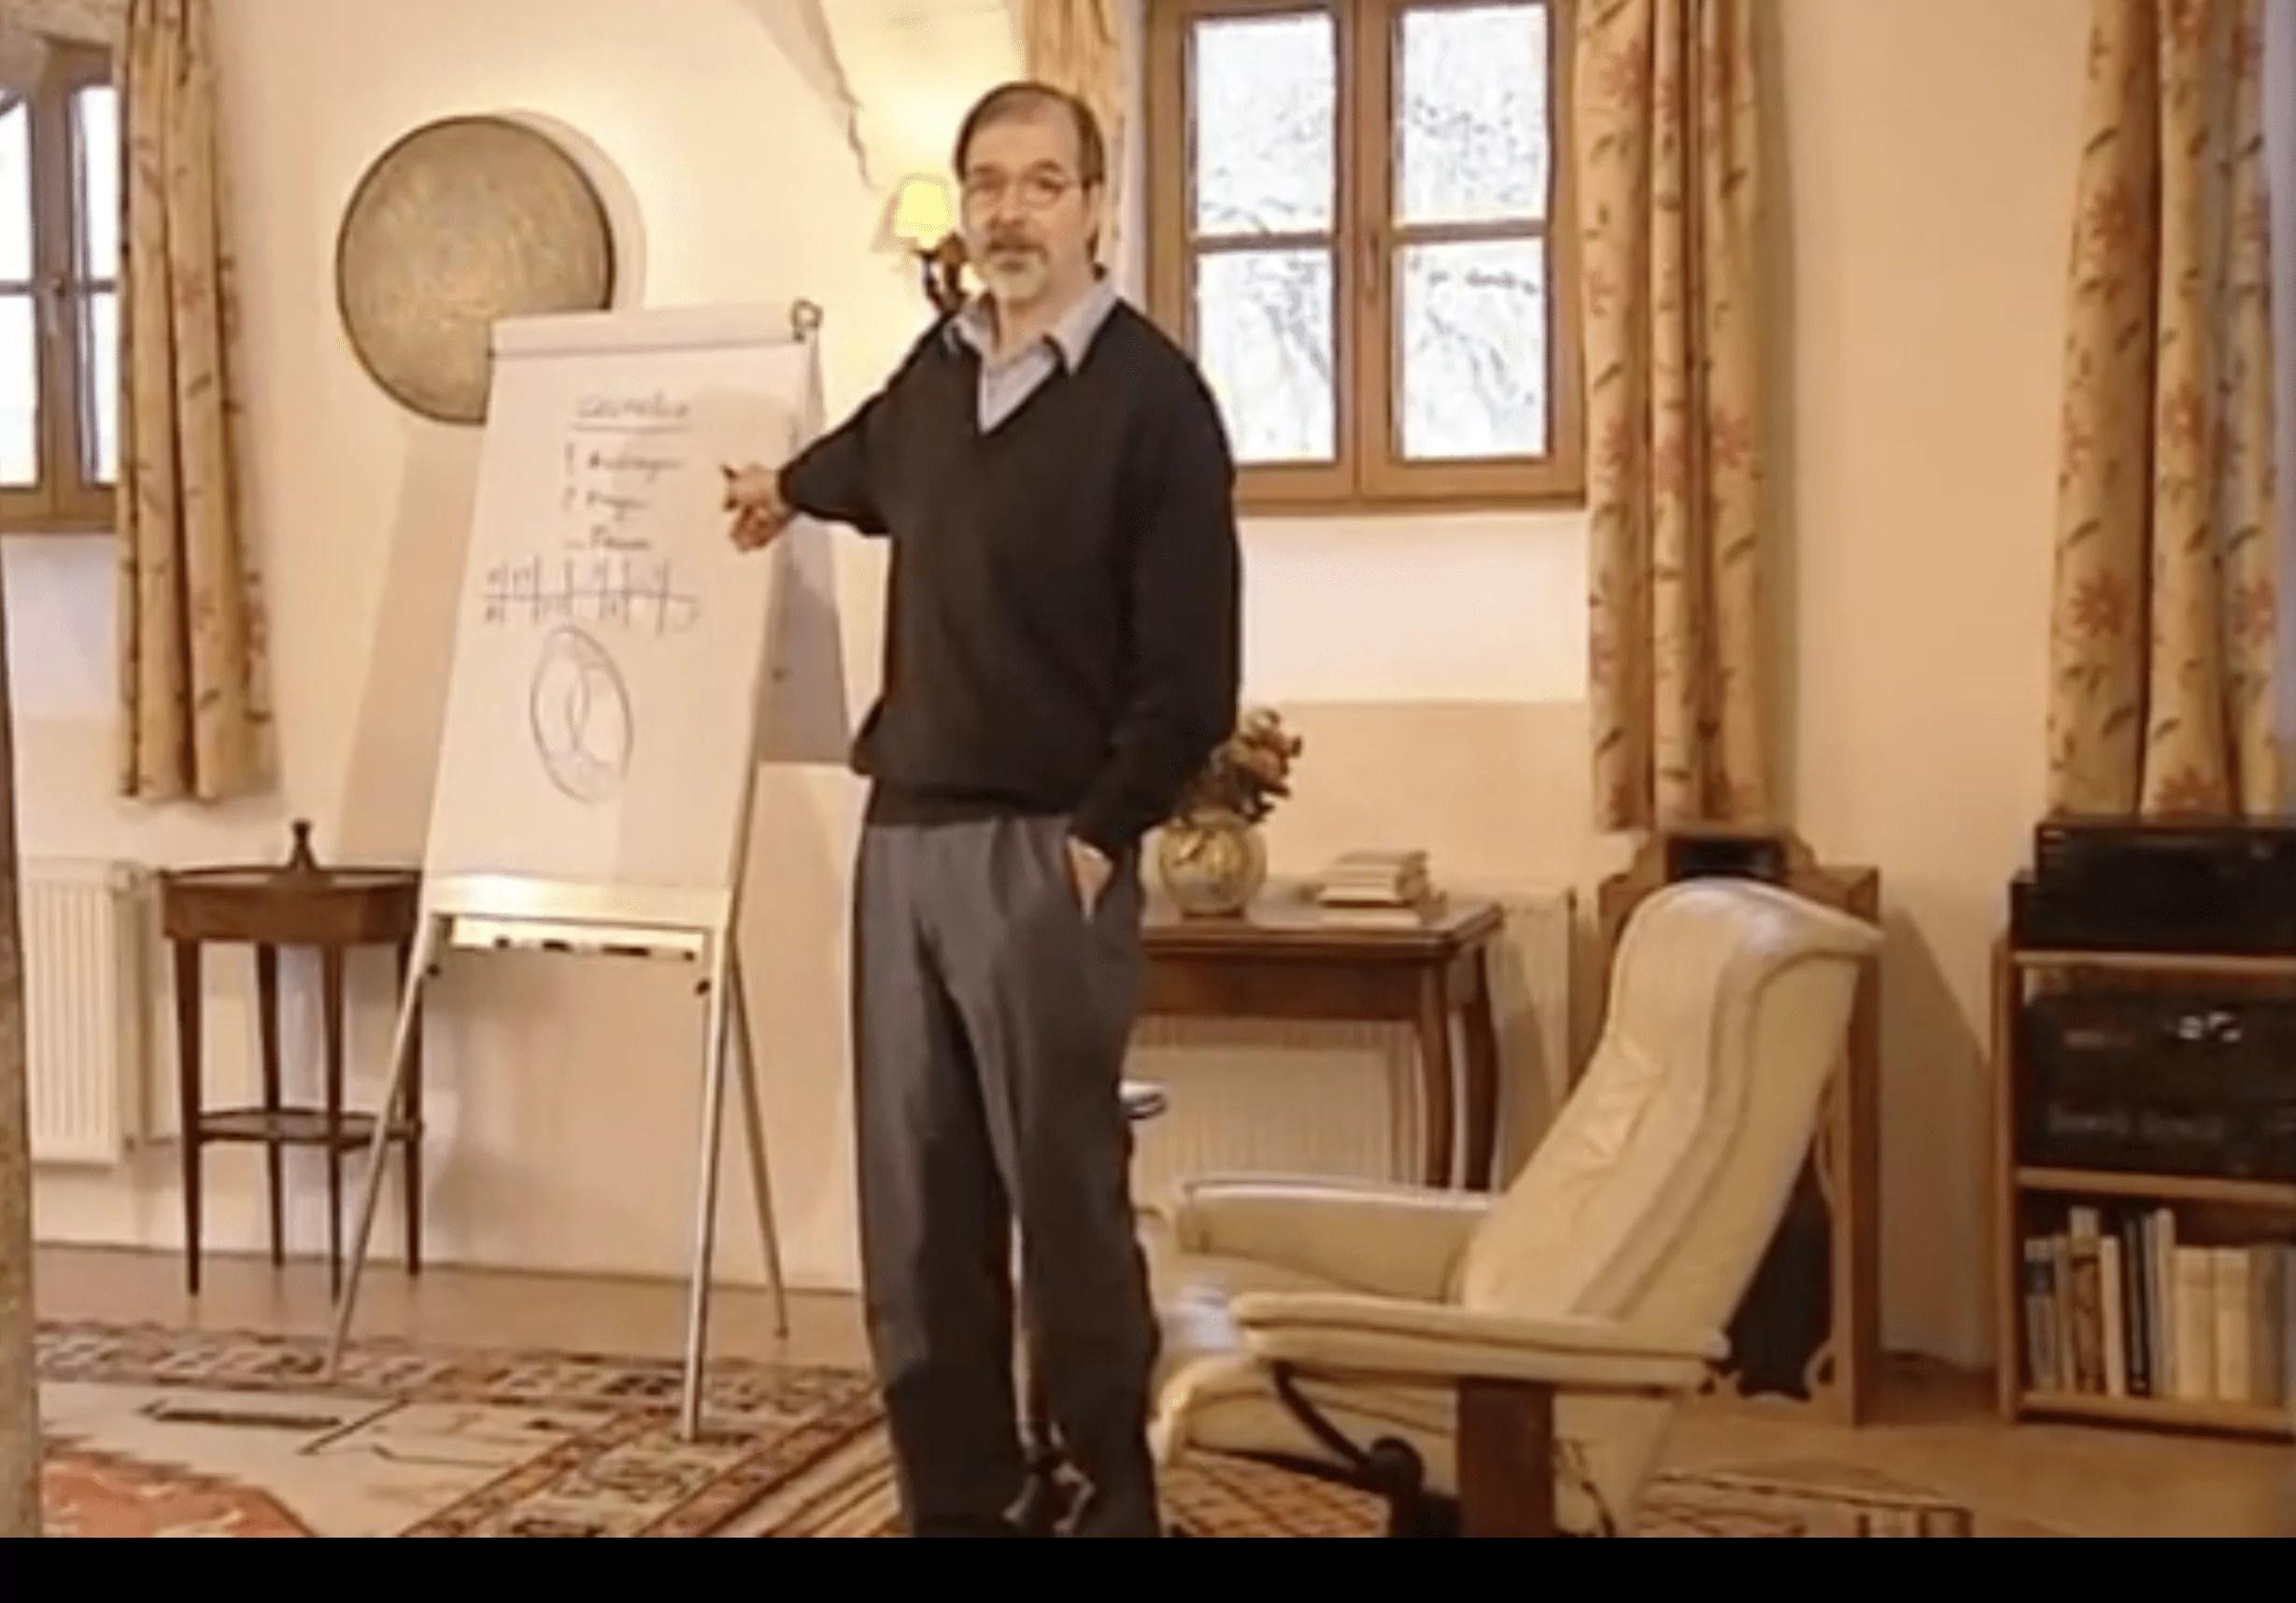 Bewusst leben (Psychologie für den Alltag) – 12 – Gespräch: Verwaltung des inneren Raums via @psychothherapie